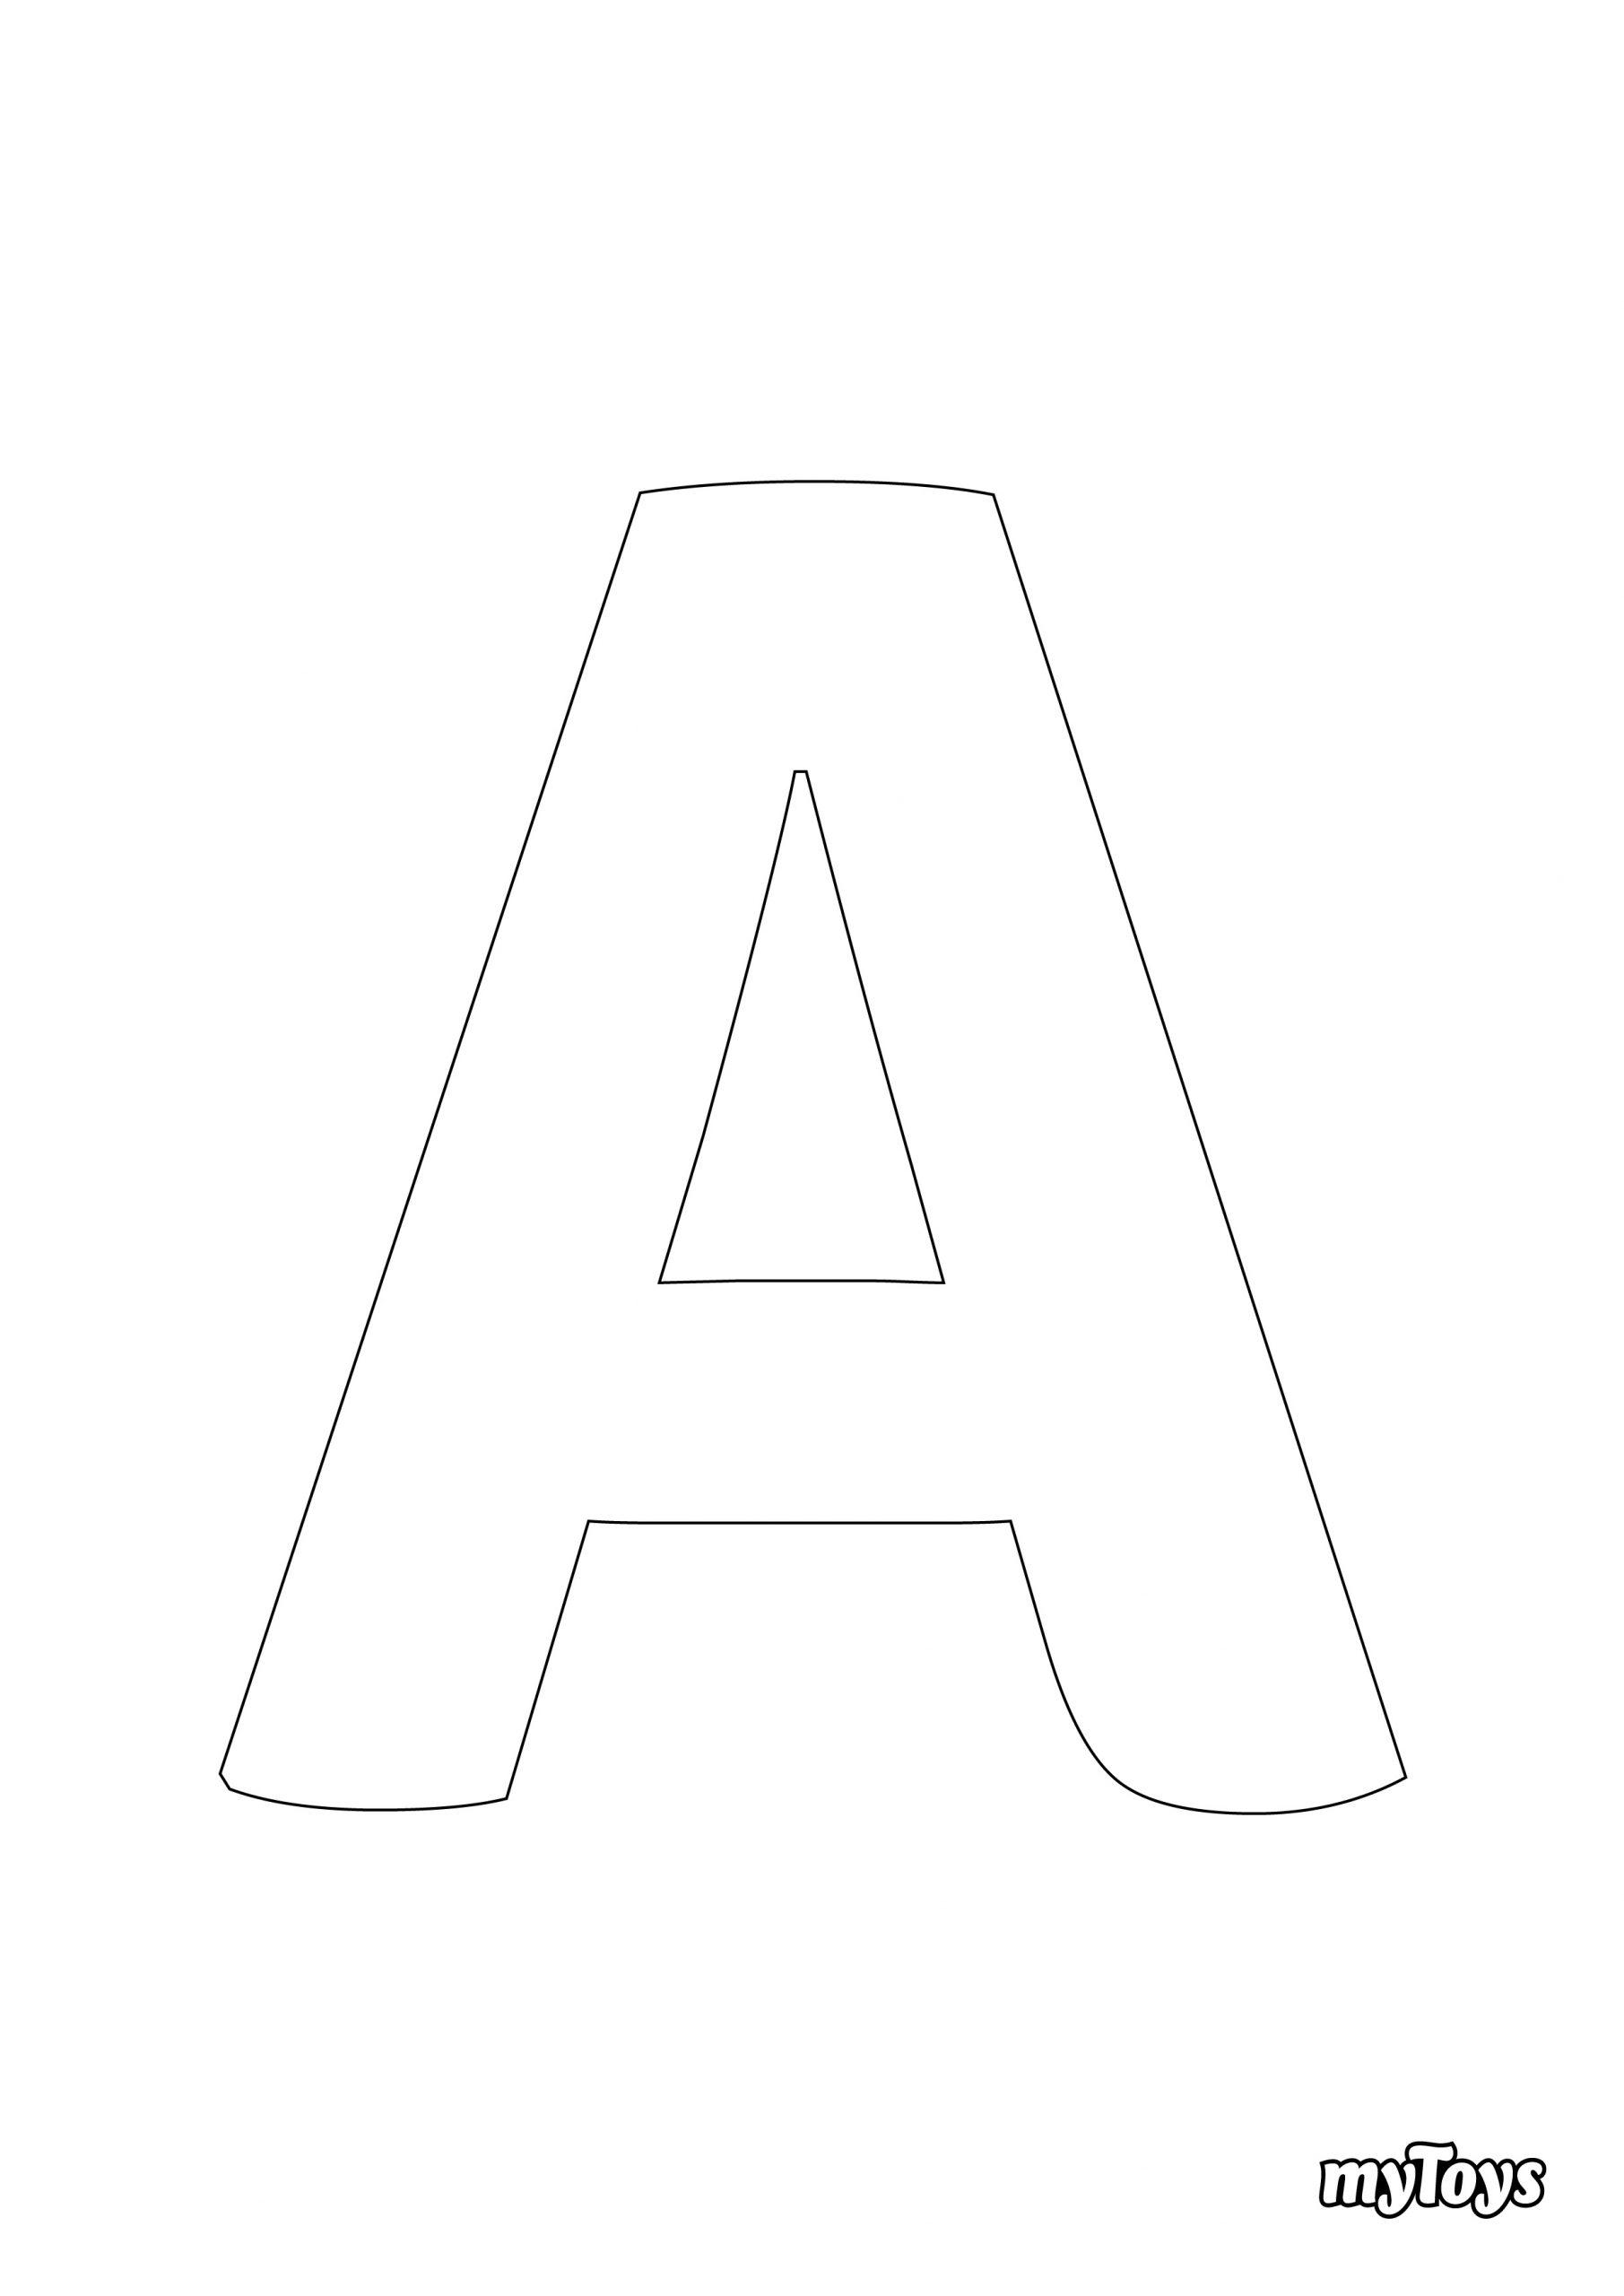 Malvorlagen Buchstaben Kostenlos - kinderbilderdownload